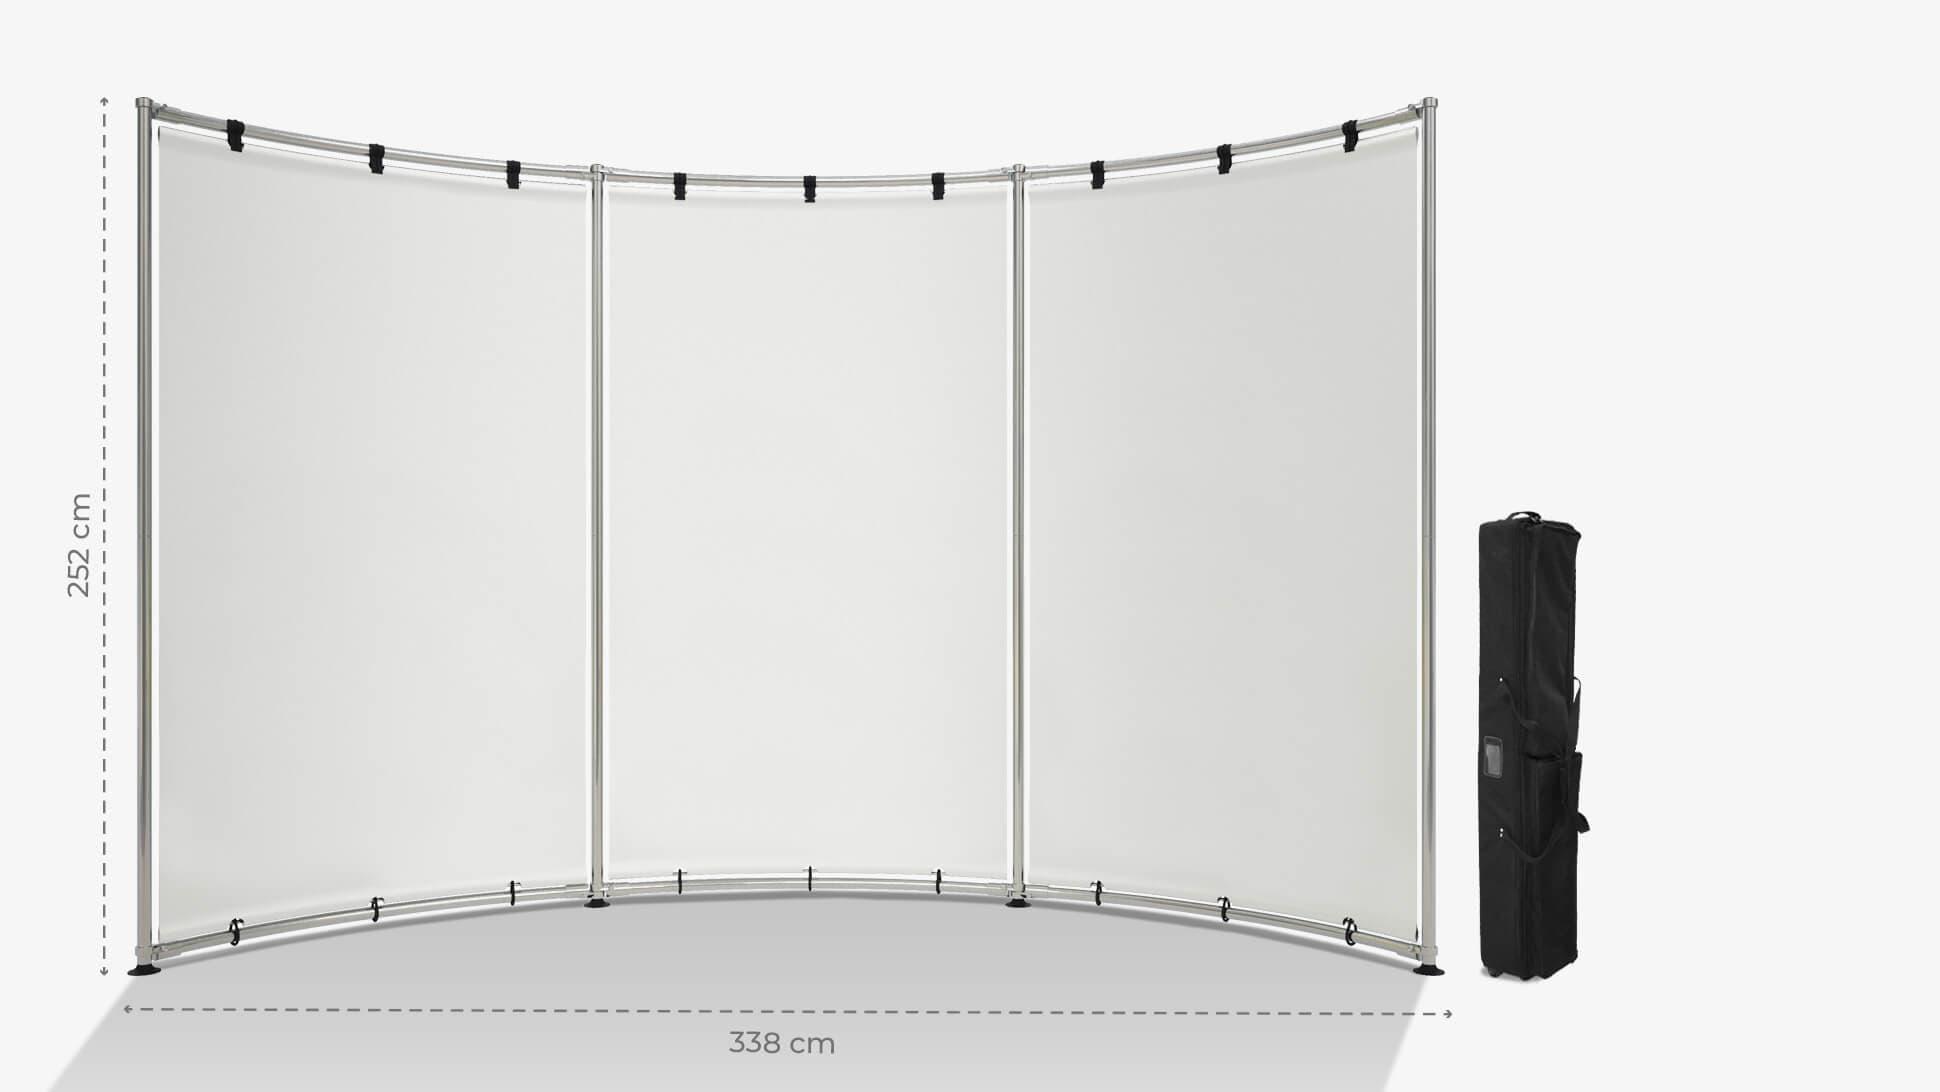 Parete espositiva a onda 252x345 cm | tictac.it